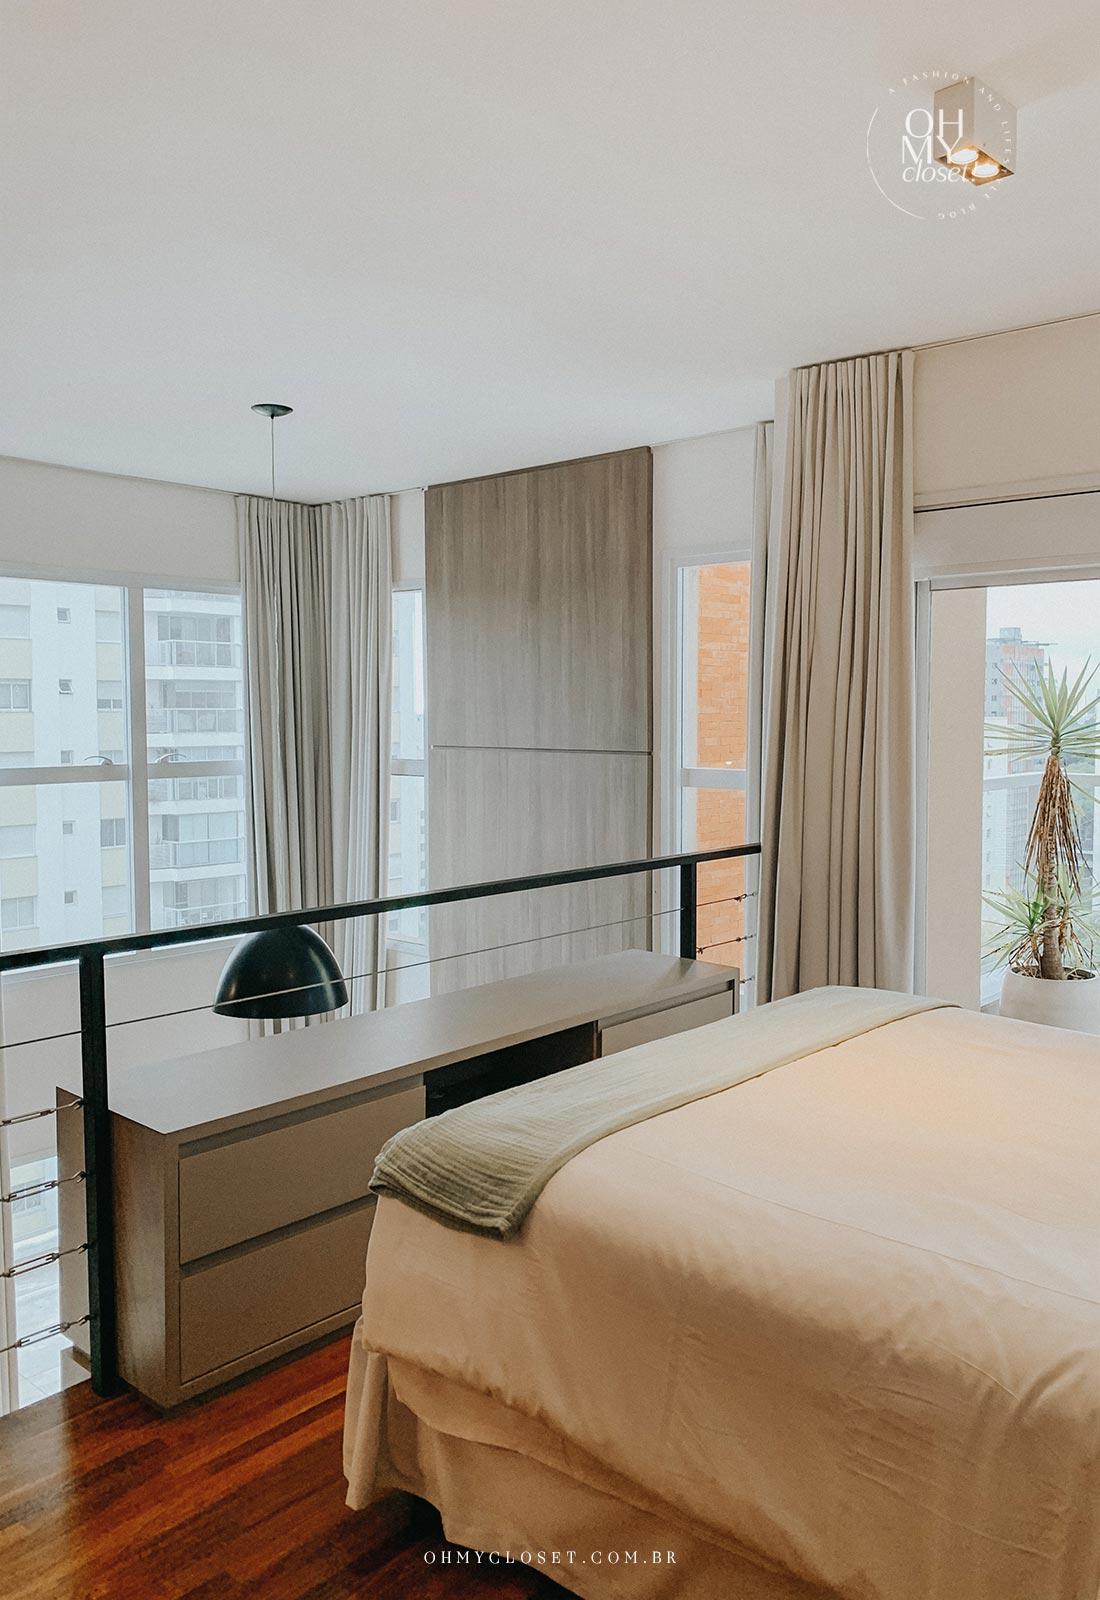 Cama segunda andar apartamento Airbnb nos Jardins em São Paulo.